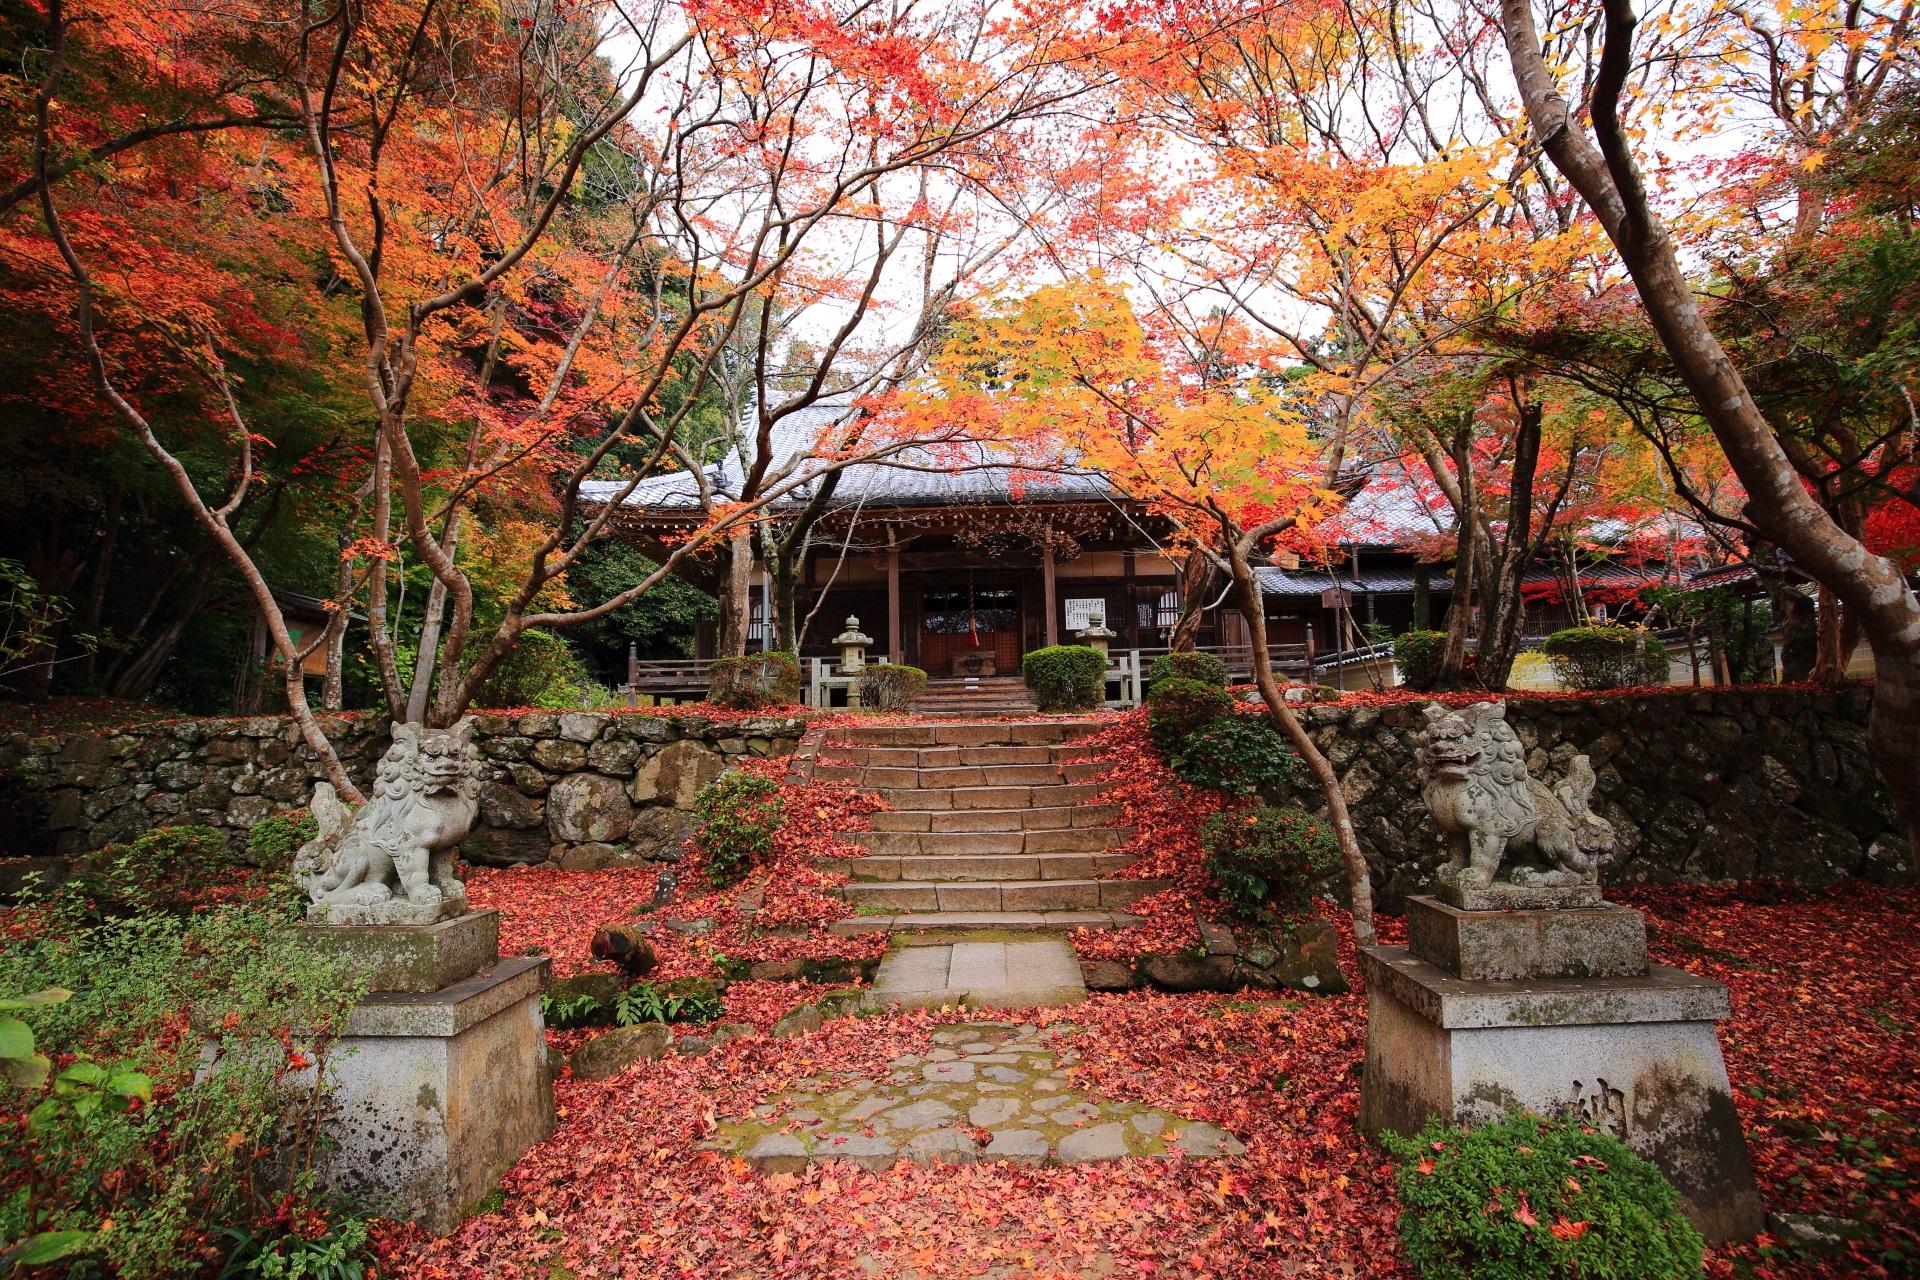 秋色が溢れる勝持寺の本堂(阿弥陀堂)と紅葉